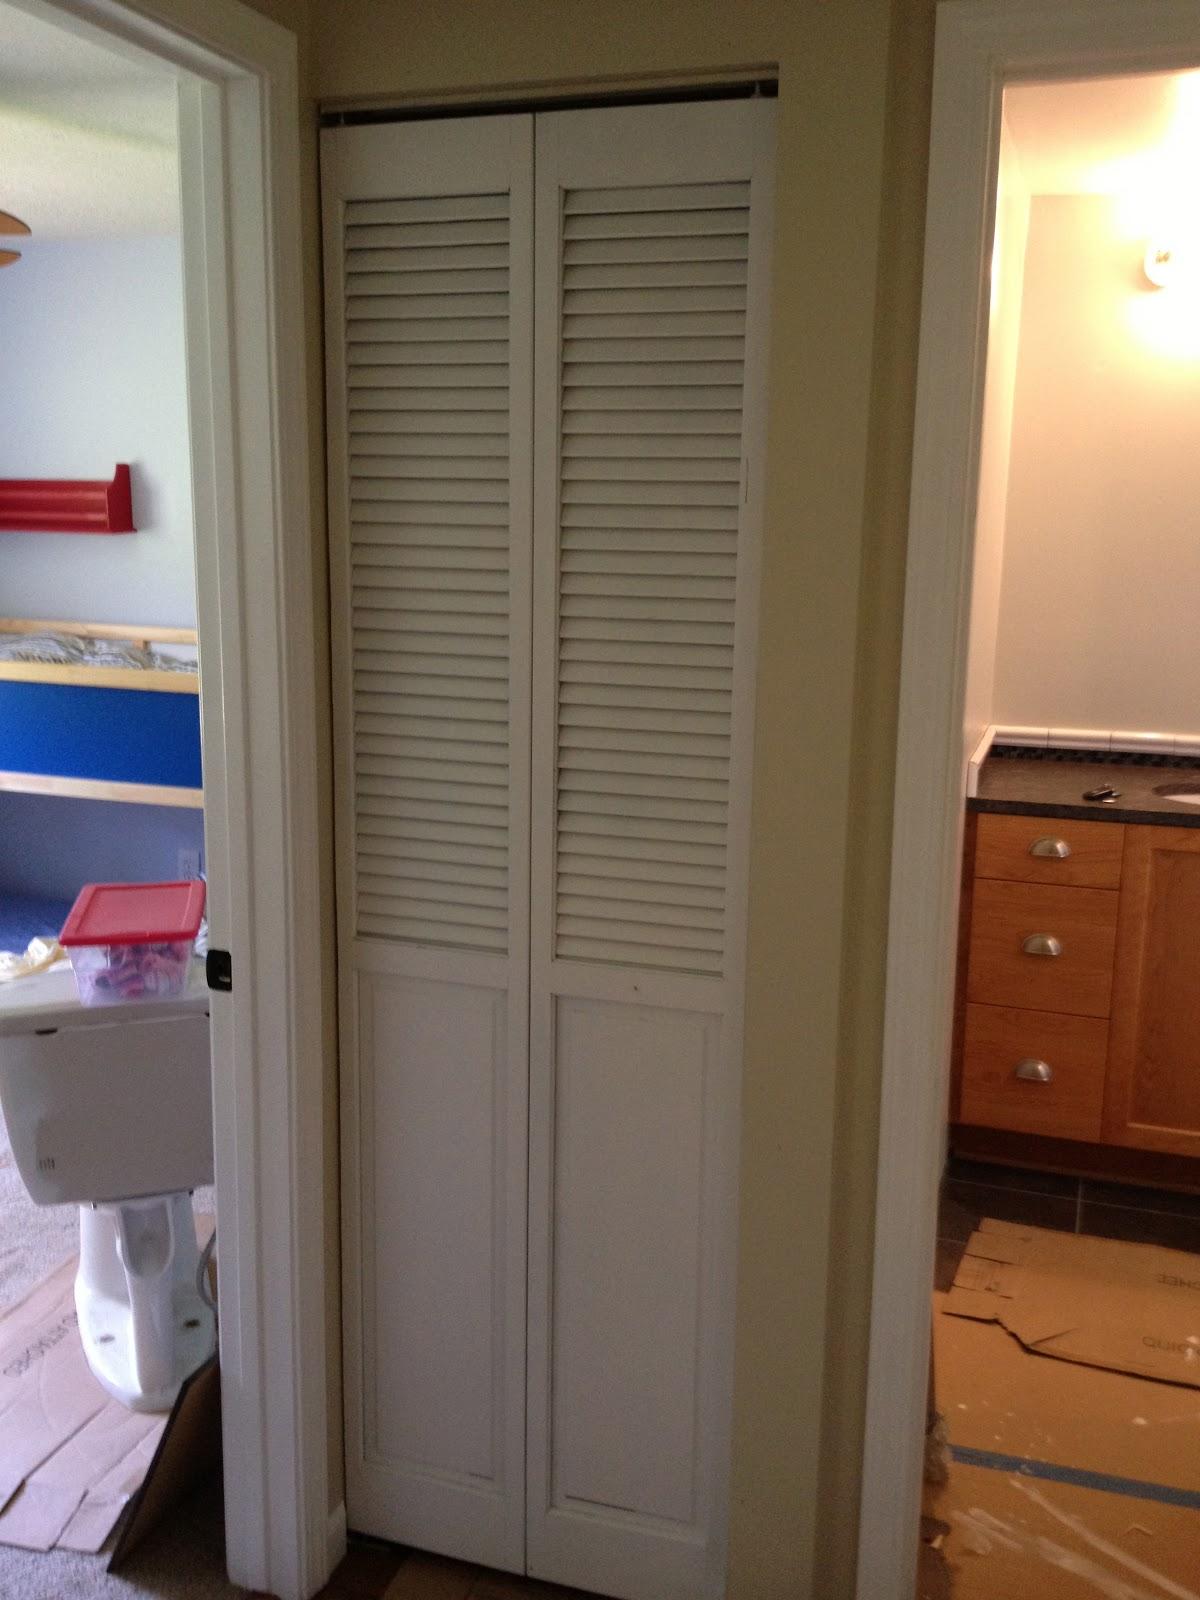 The Linen Closet Door